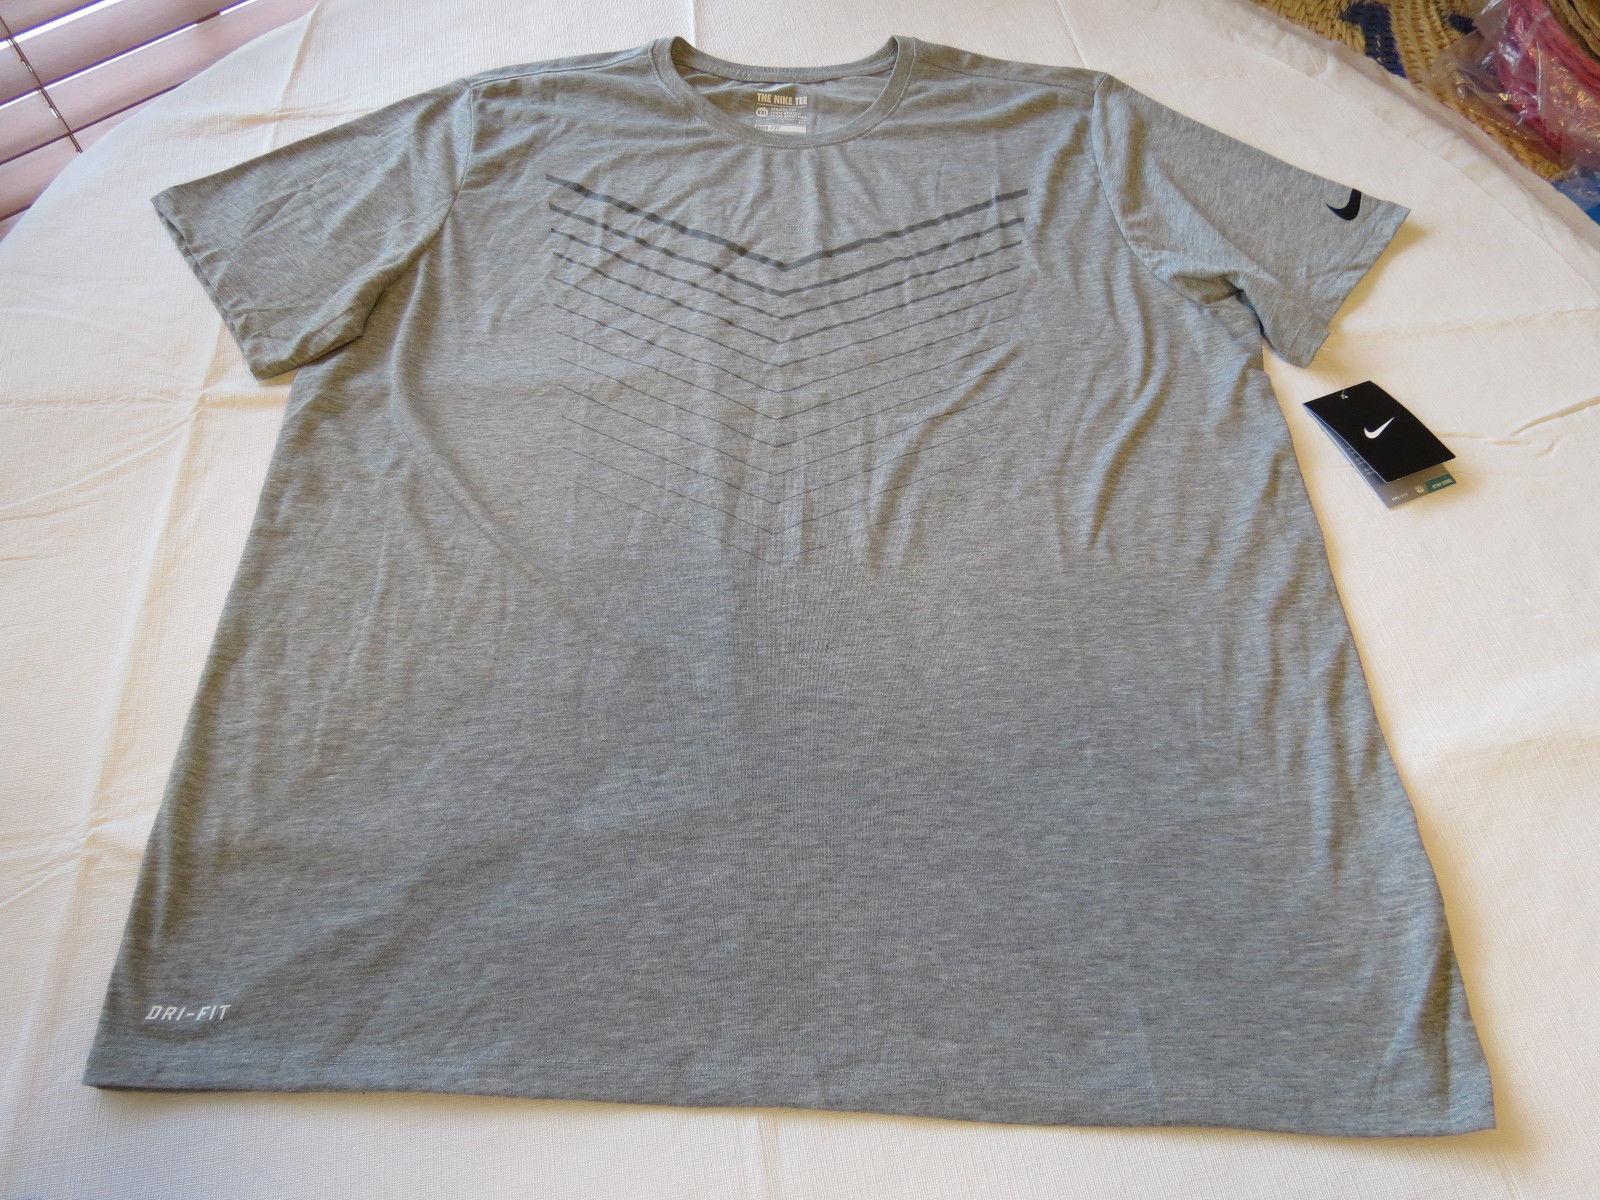 08b3f6c7 Nike Mens Nike Tee Athletic cut XL 739444 and 50 similar items. 57